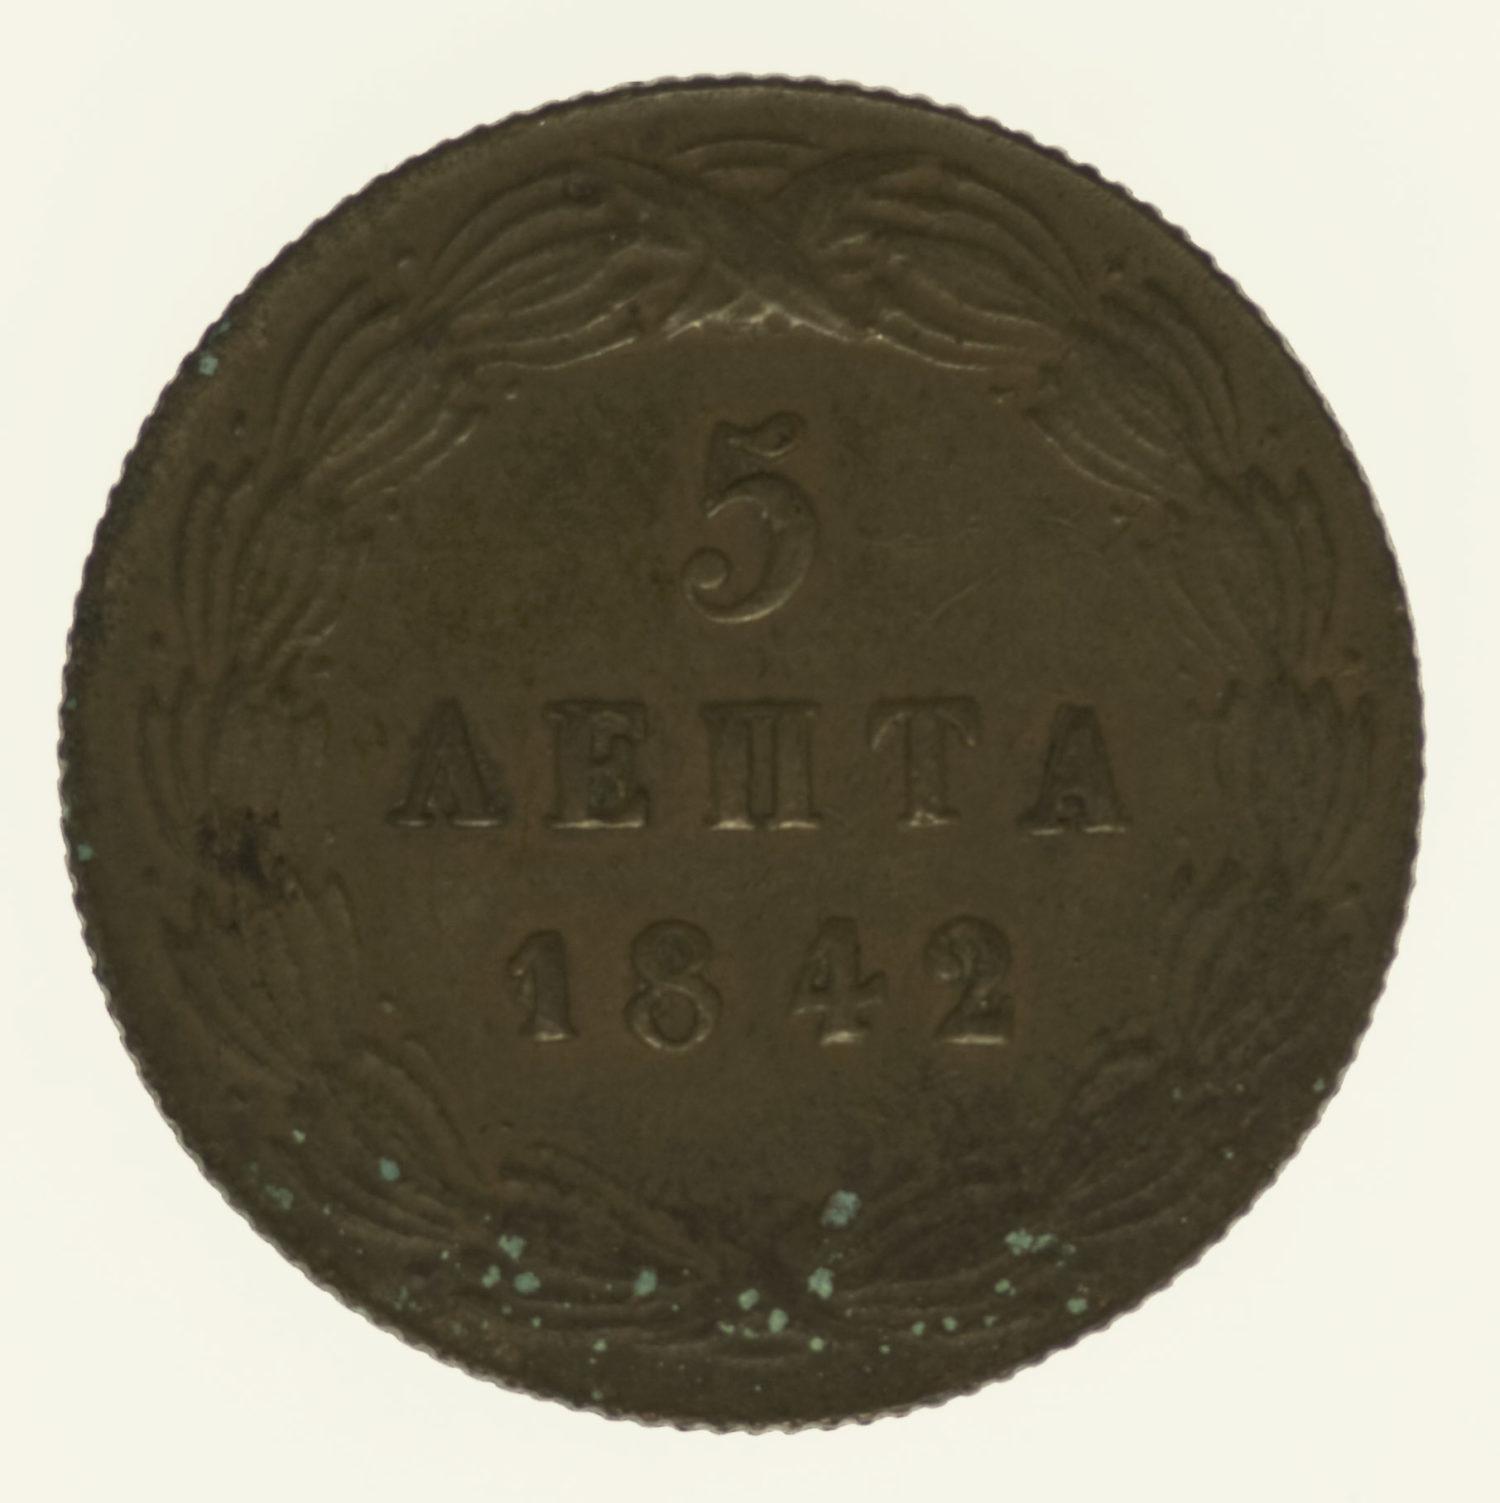 griechenland-silbermuenzen-uebriges-europa - Griechenland Otto I. 5 Lepta 1842